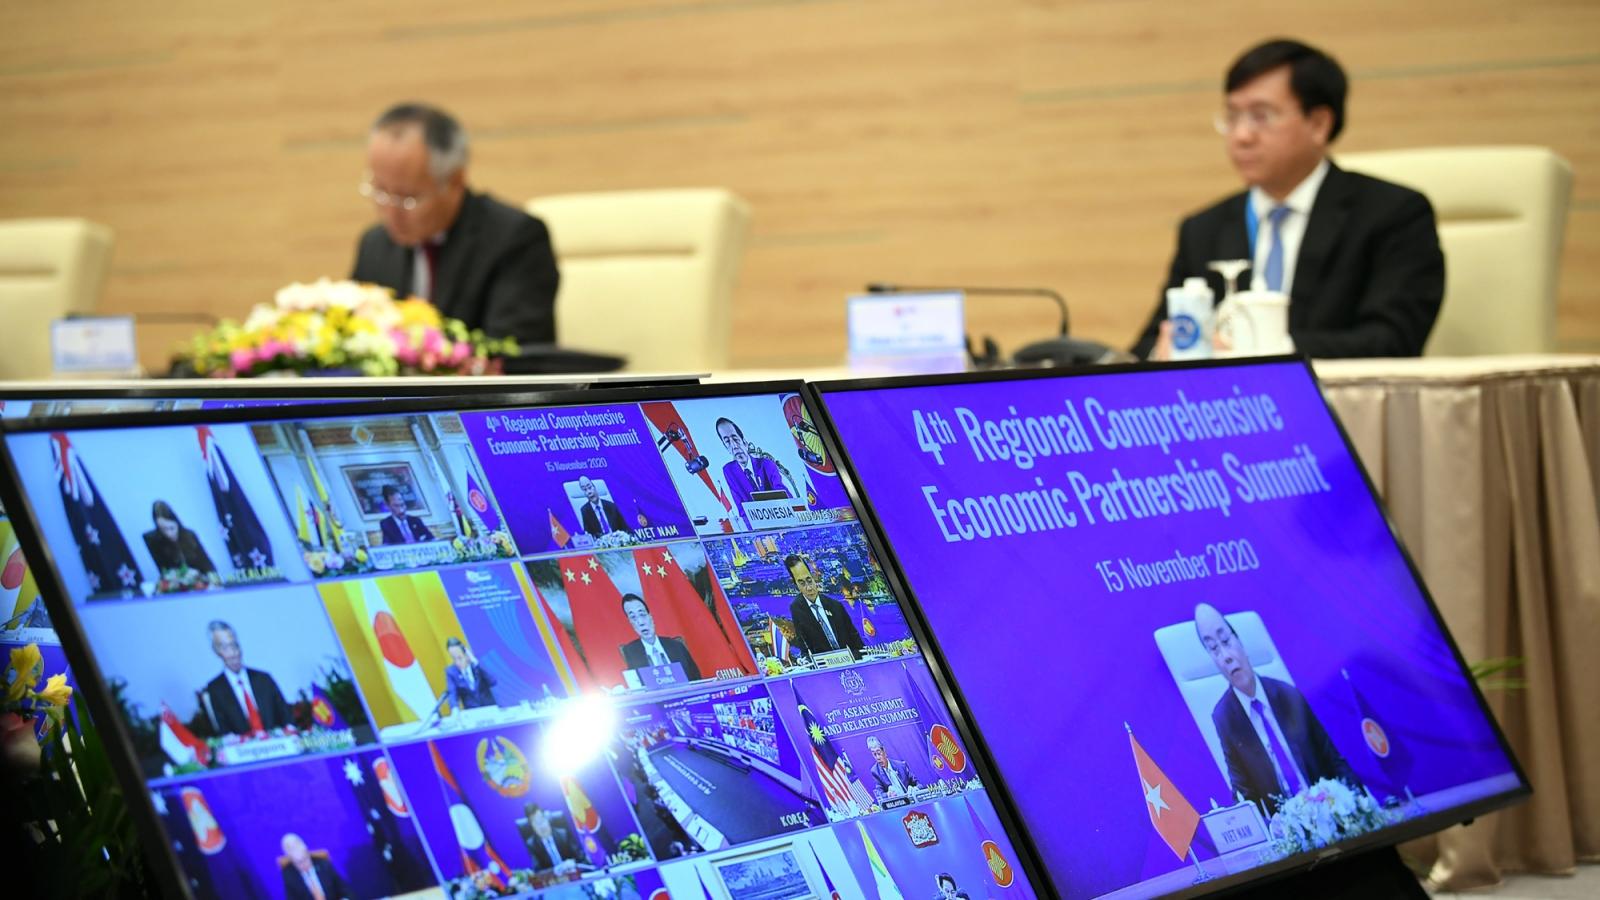 Hiệp định RCEP chính thức kết thúc hoàn toàn đàm phán và chuẩn bị ký kết